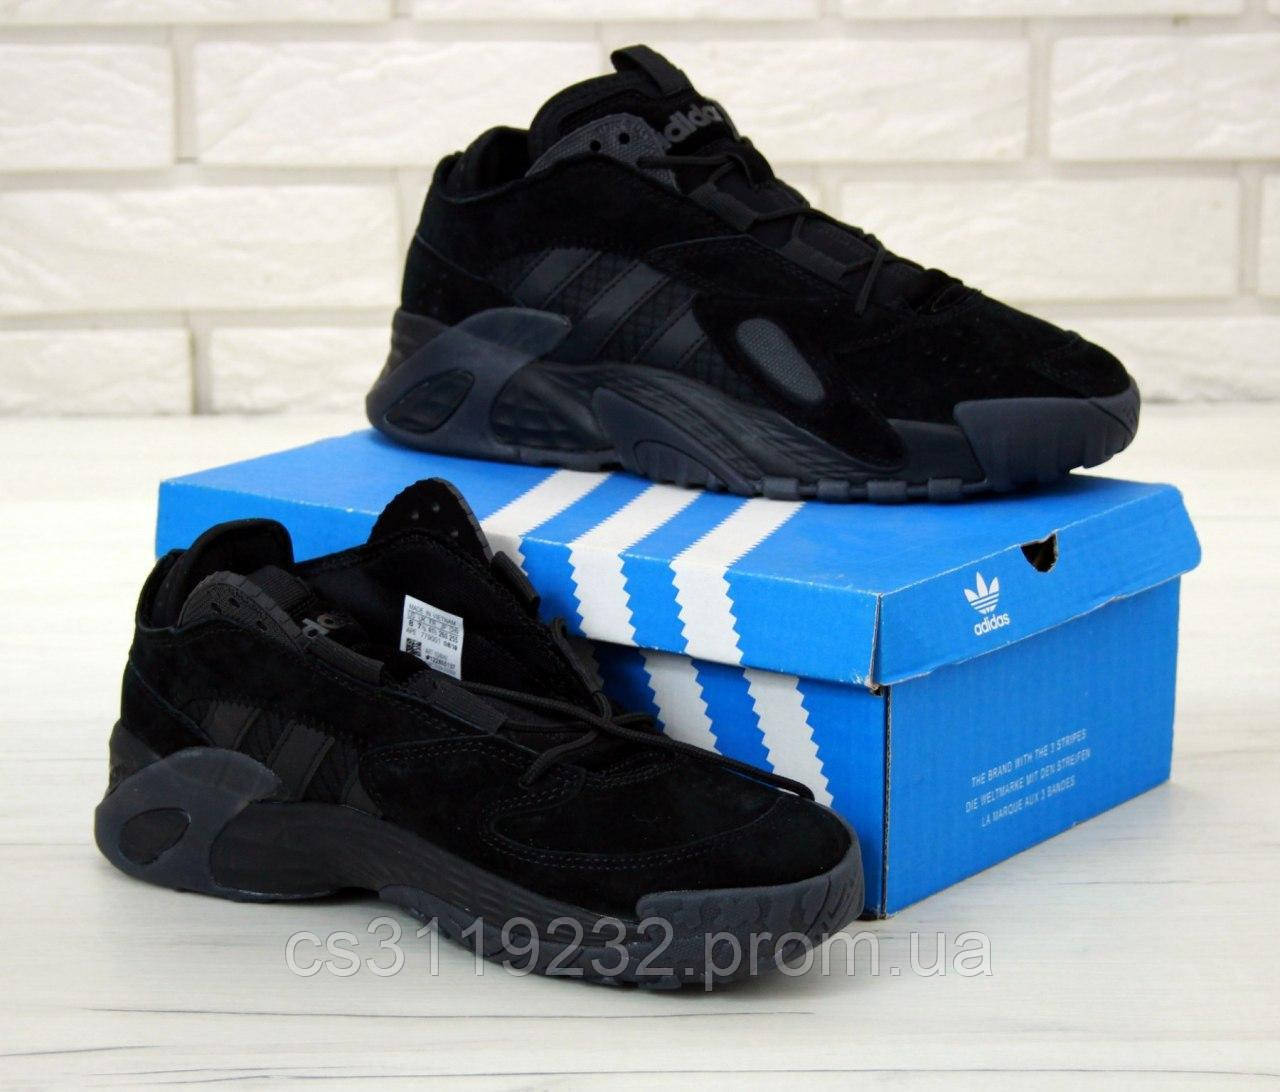 Чоловічі кросівки Adidas Streetball (чорні)